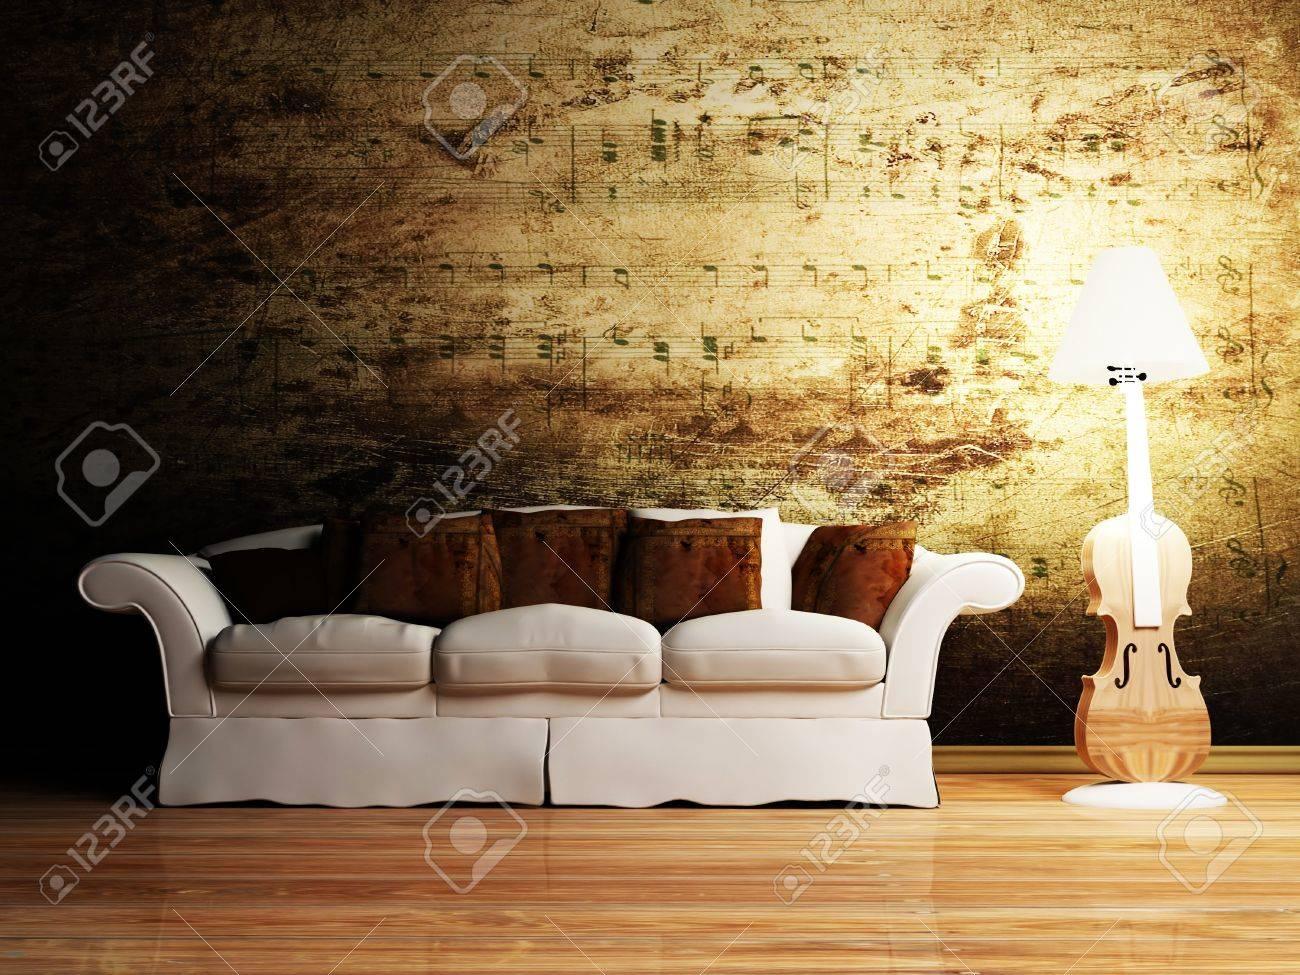 Moderne Innenarchitektur Wohnzimmer Mit Einem Schönen Sofa Und Einem  Kreativen Stehleuchte Standard Bild   12975928